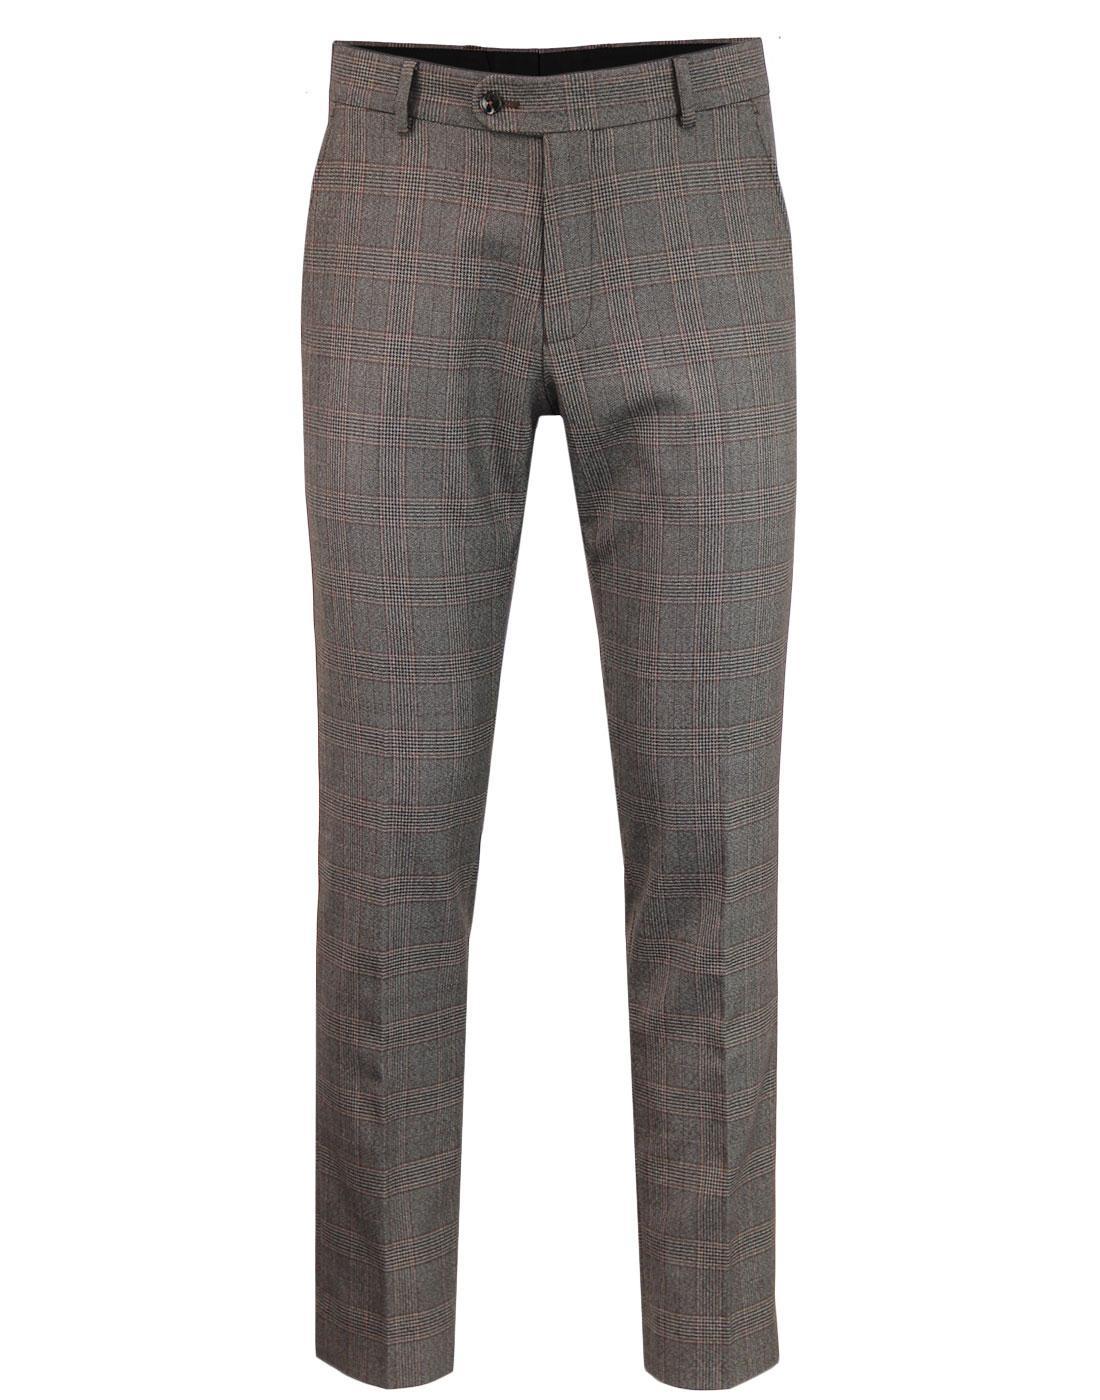 ANTIQUE ROGUE Retro Mod POW Check Suit Trousers F